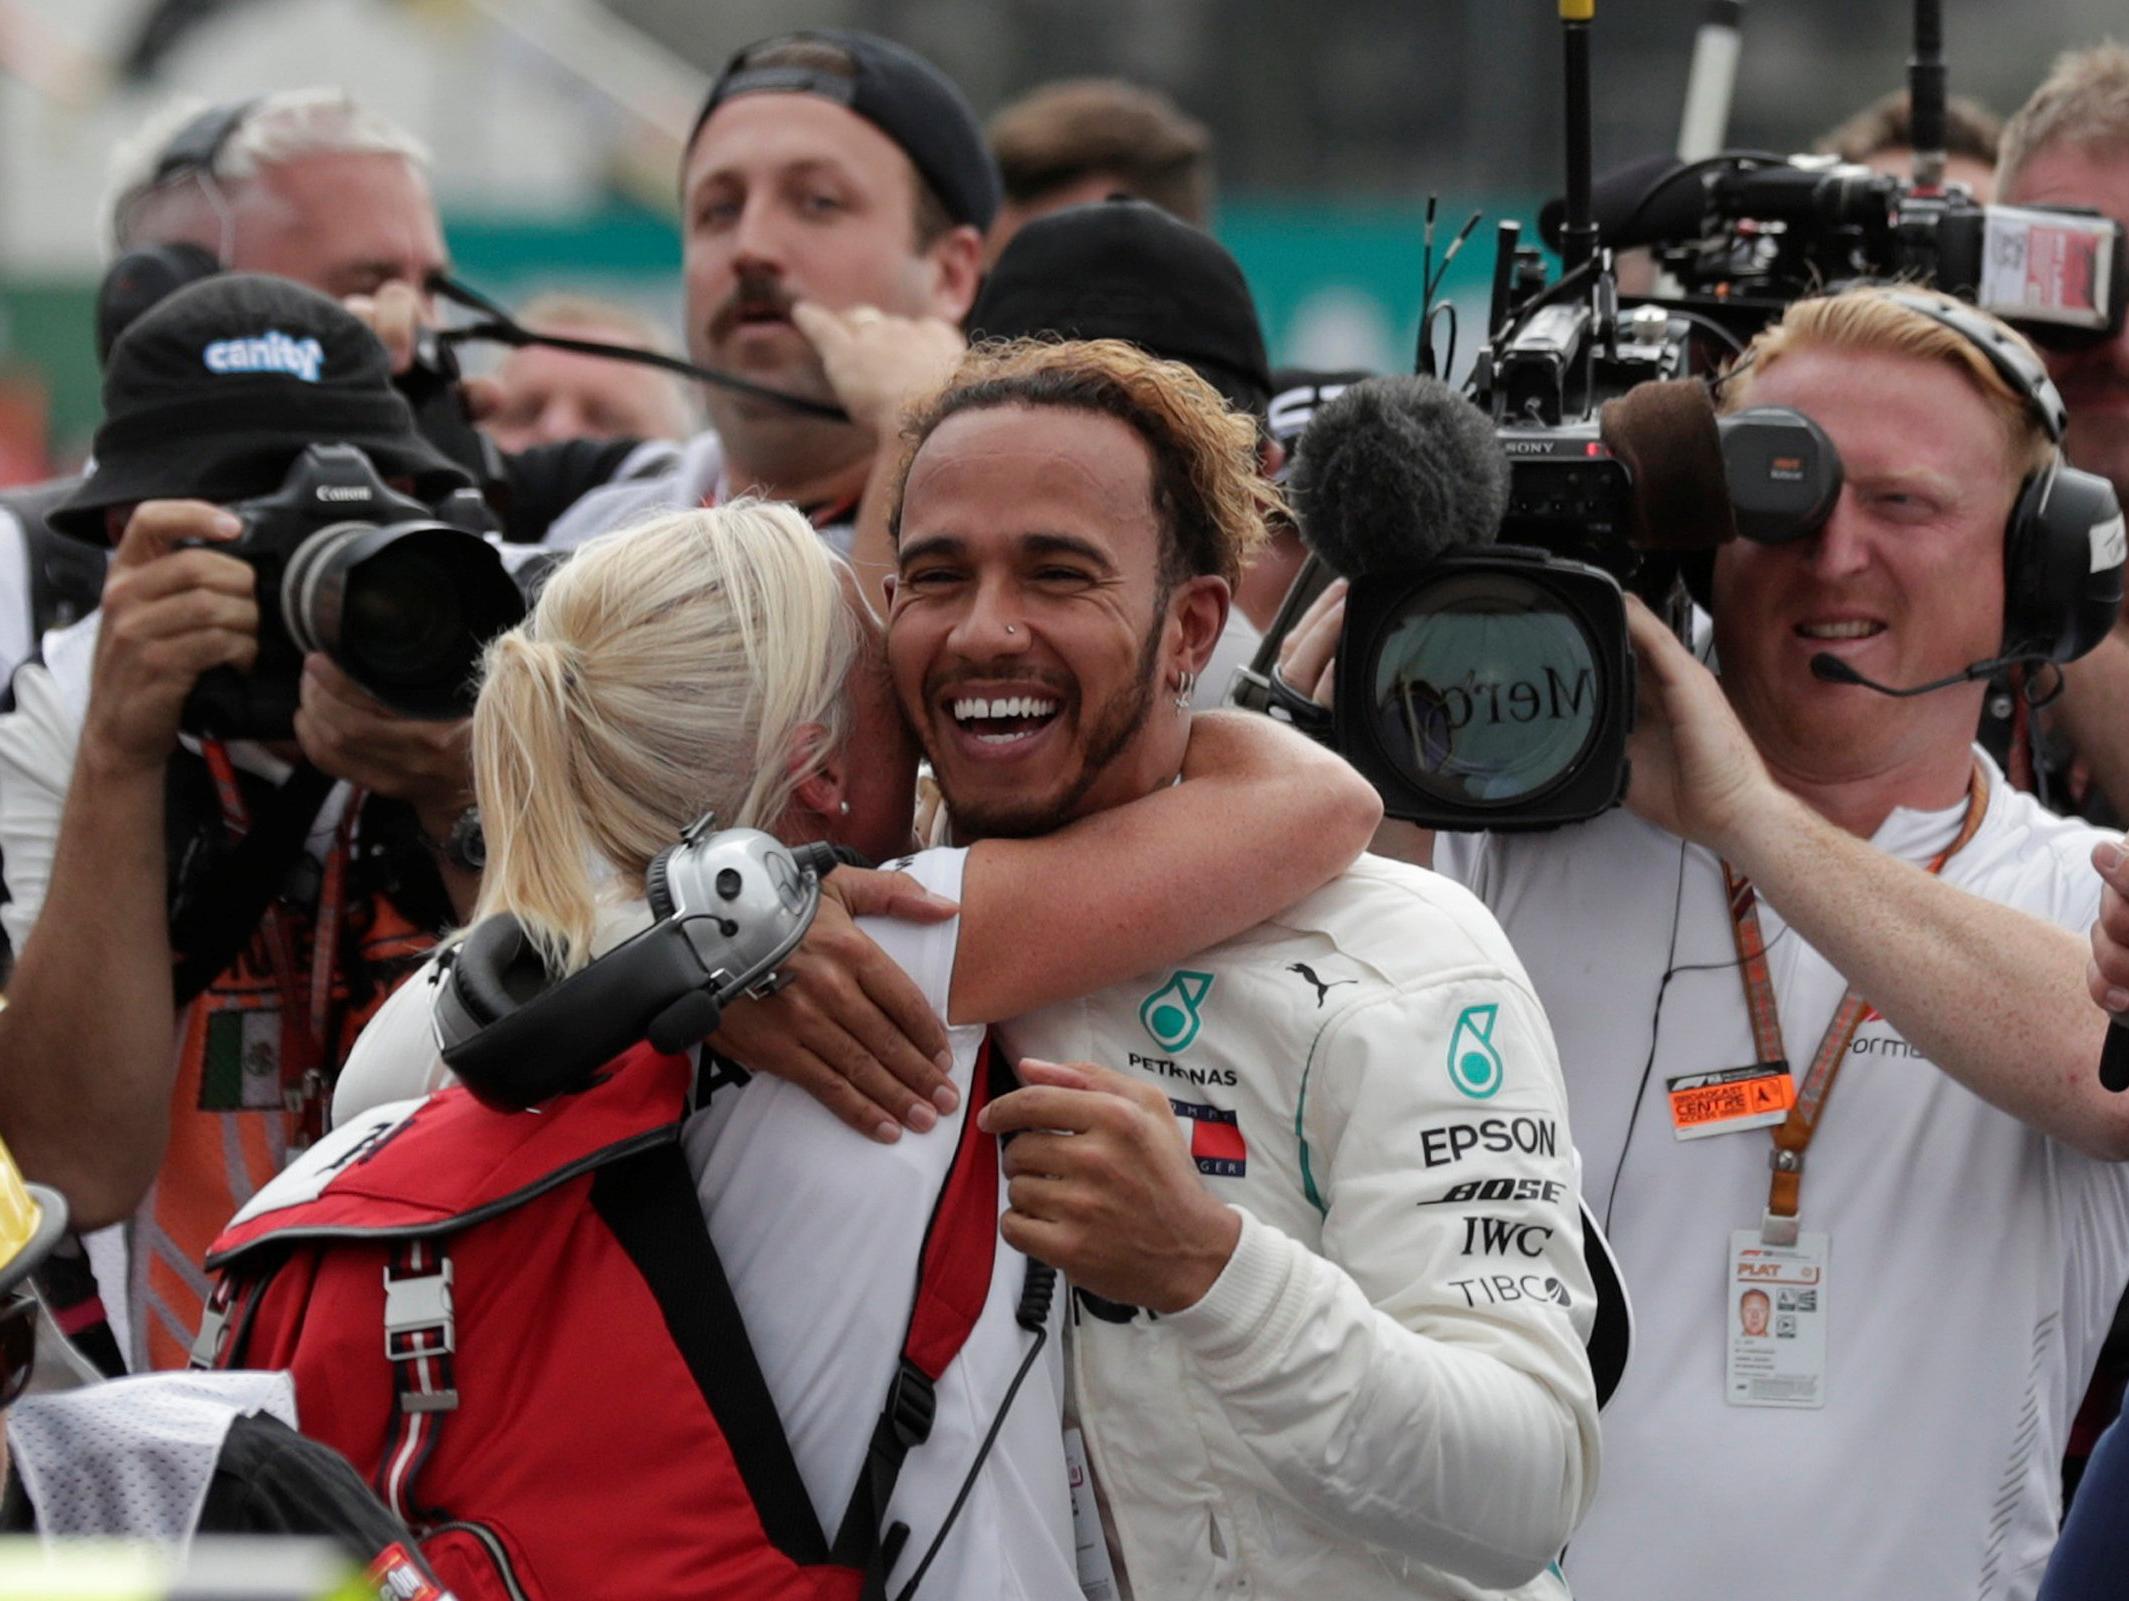 פורמולה 1: לואיס המילטון זכה באליפות העולם בפעם החמישית